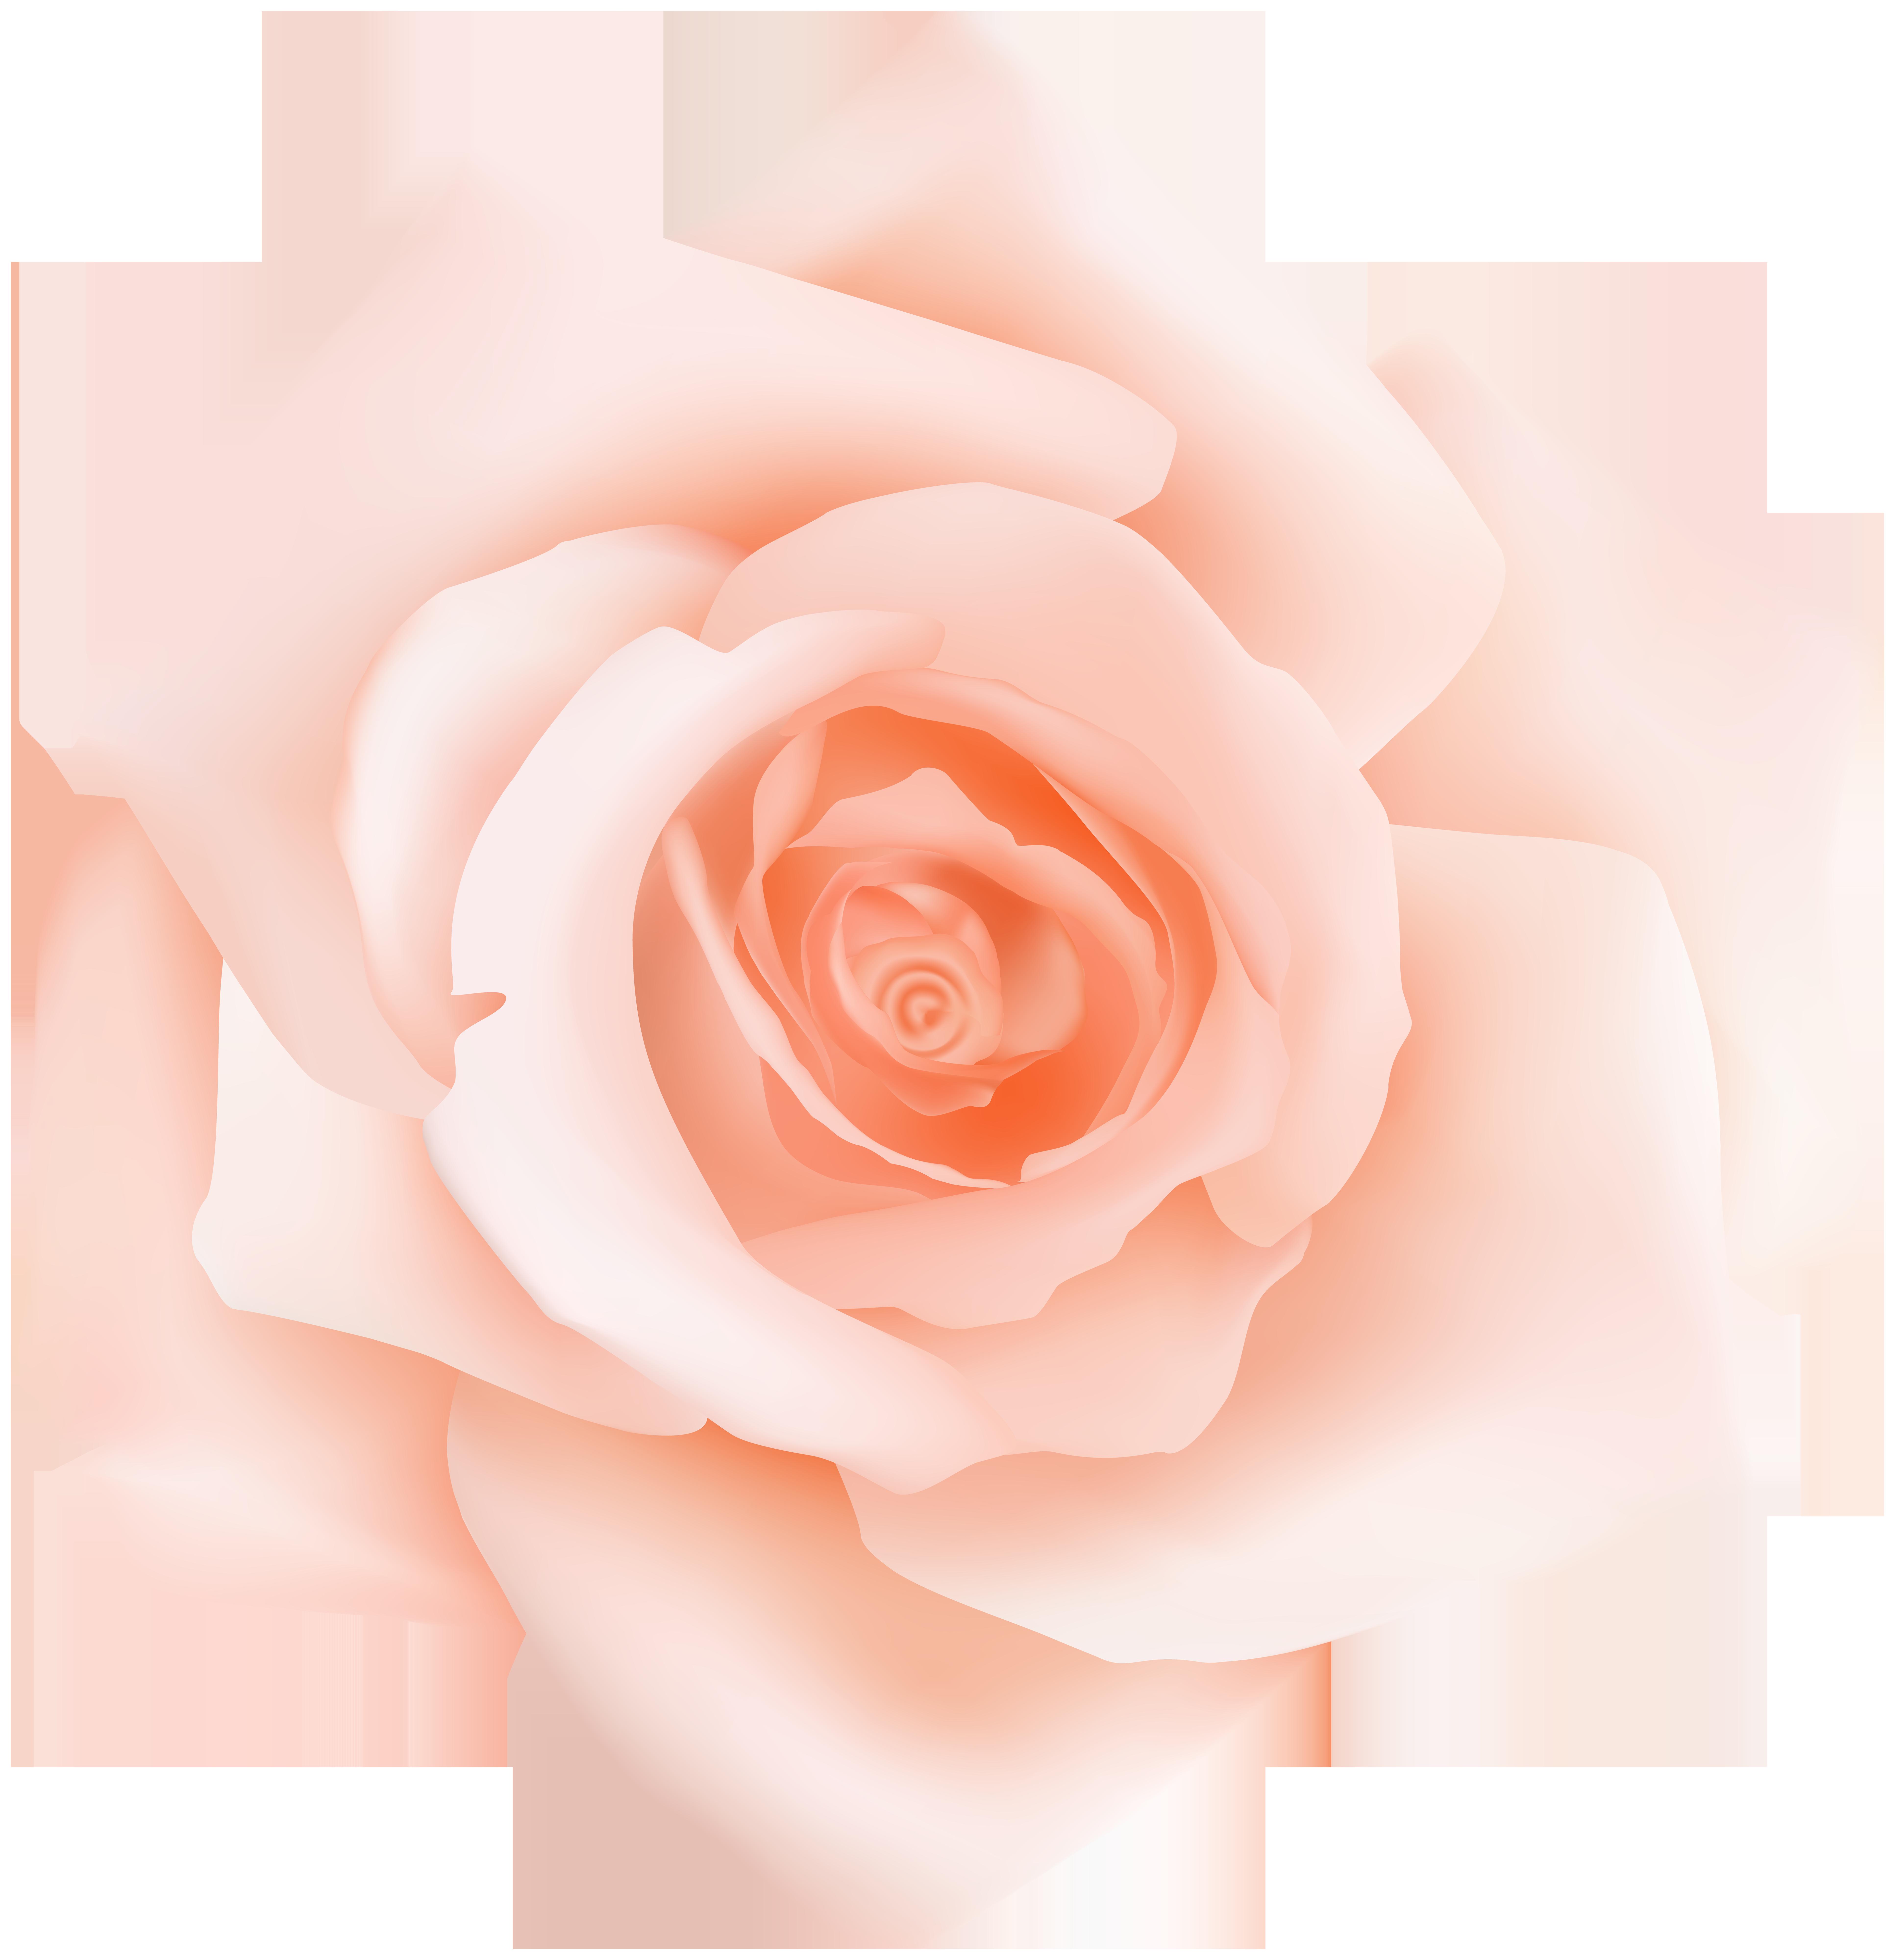 Rose clipart peach rose. Garden roses centifolia pink